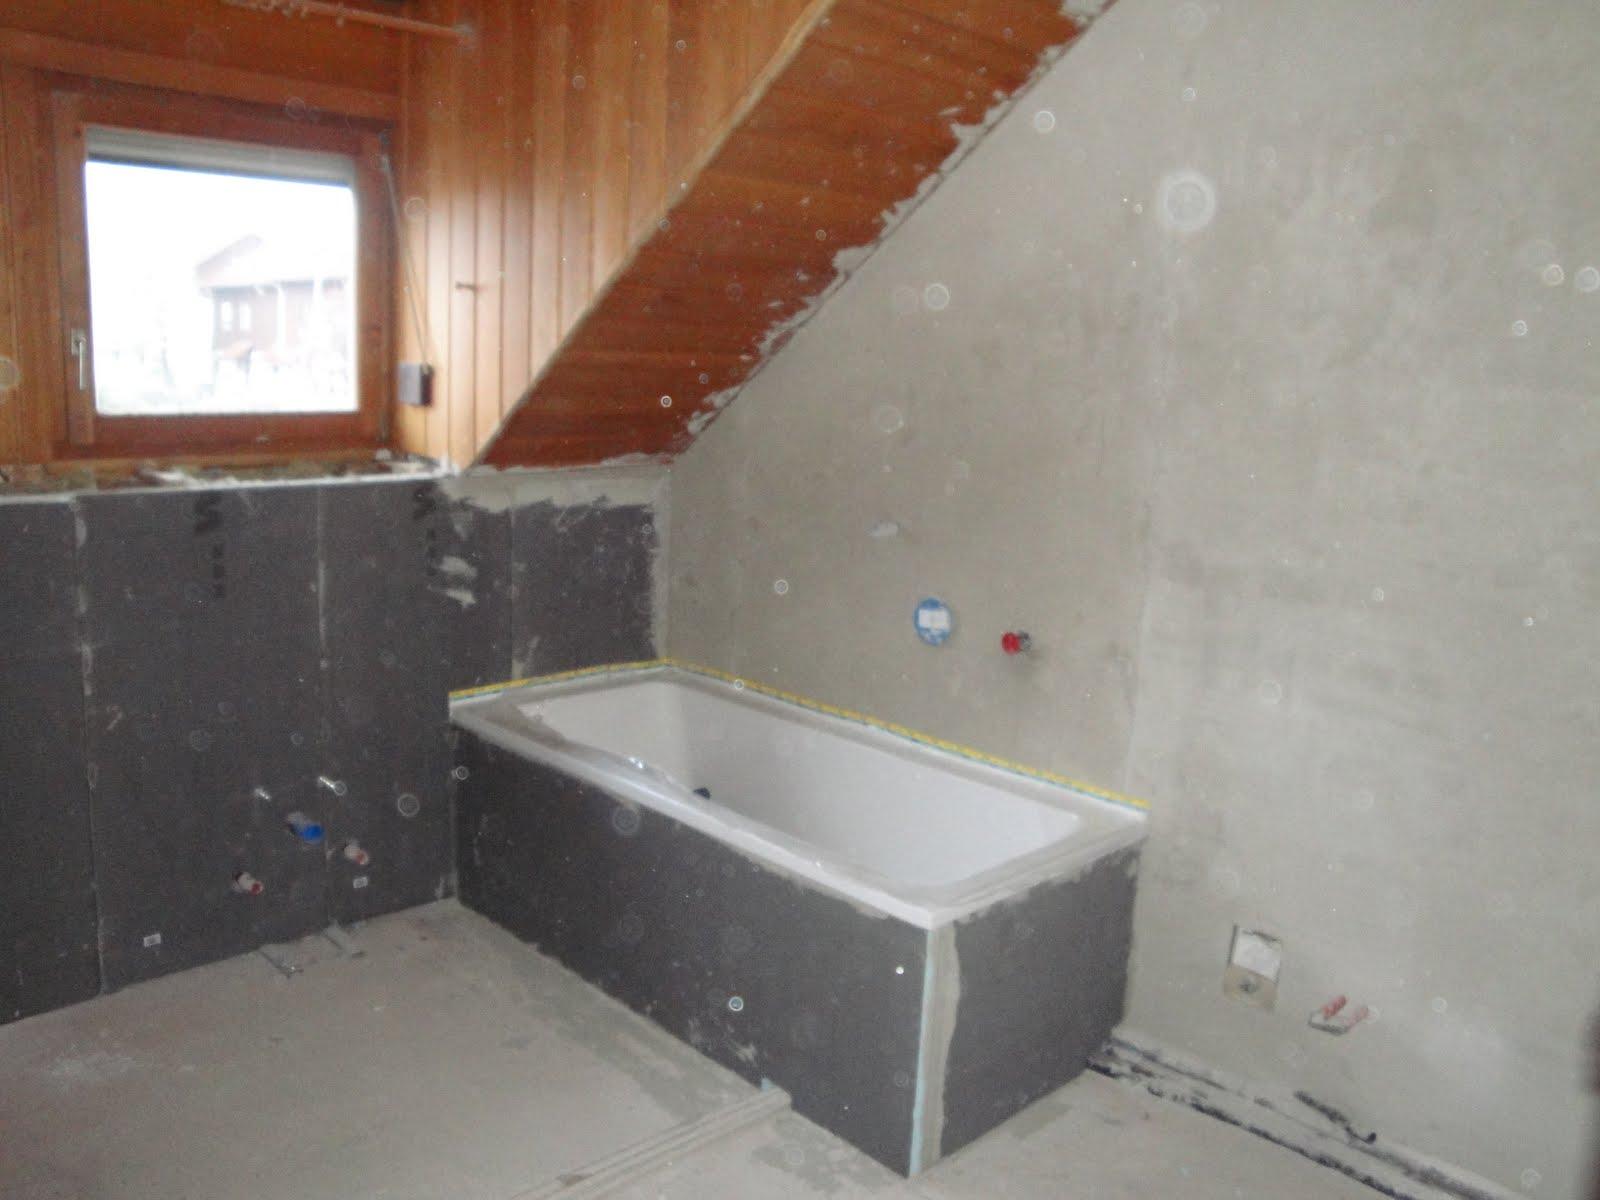 fam schmaderer umbau obergeschoss 10 tag duschwanne und badewanne eingebaut. Black Bedroom Furniture Sets. Home Design Ideas